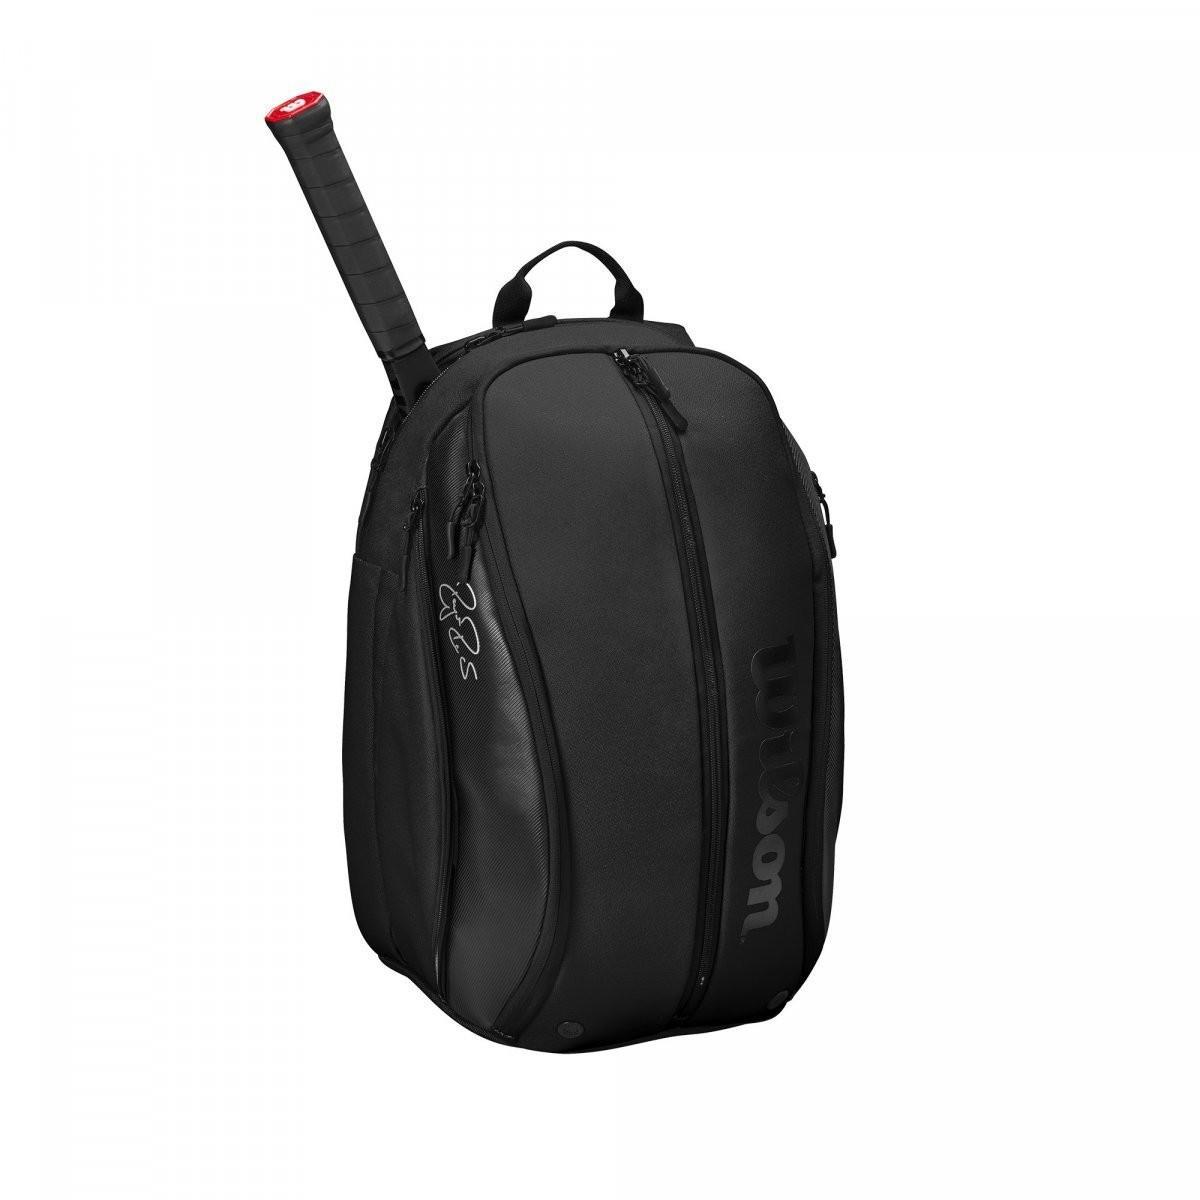 Теннисный рюкзак Wilson Federer DNA Backpack 2020 black